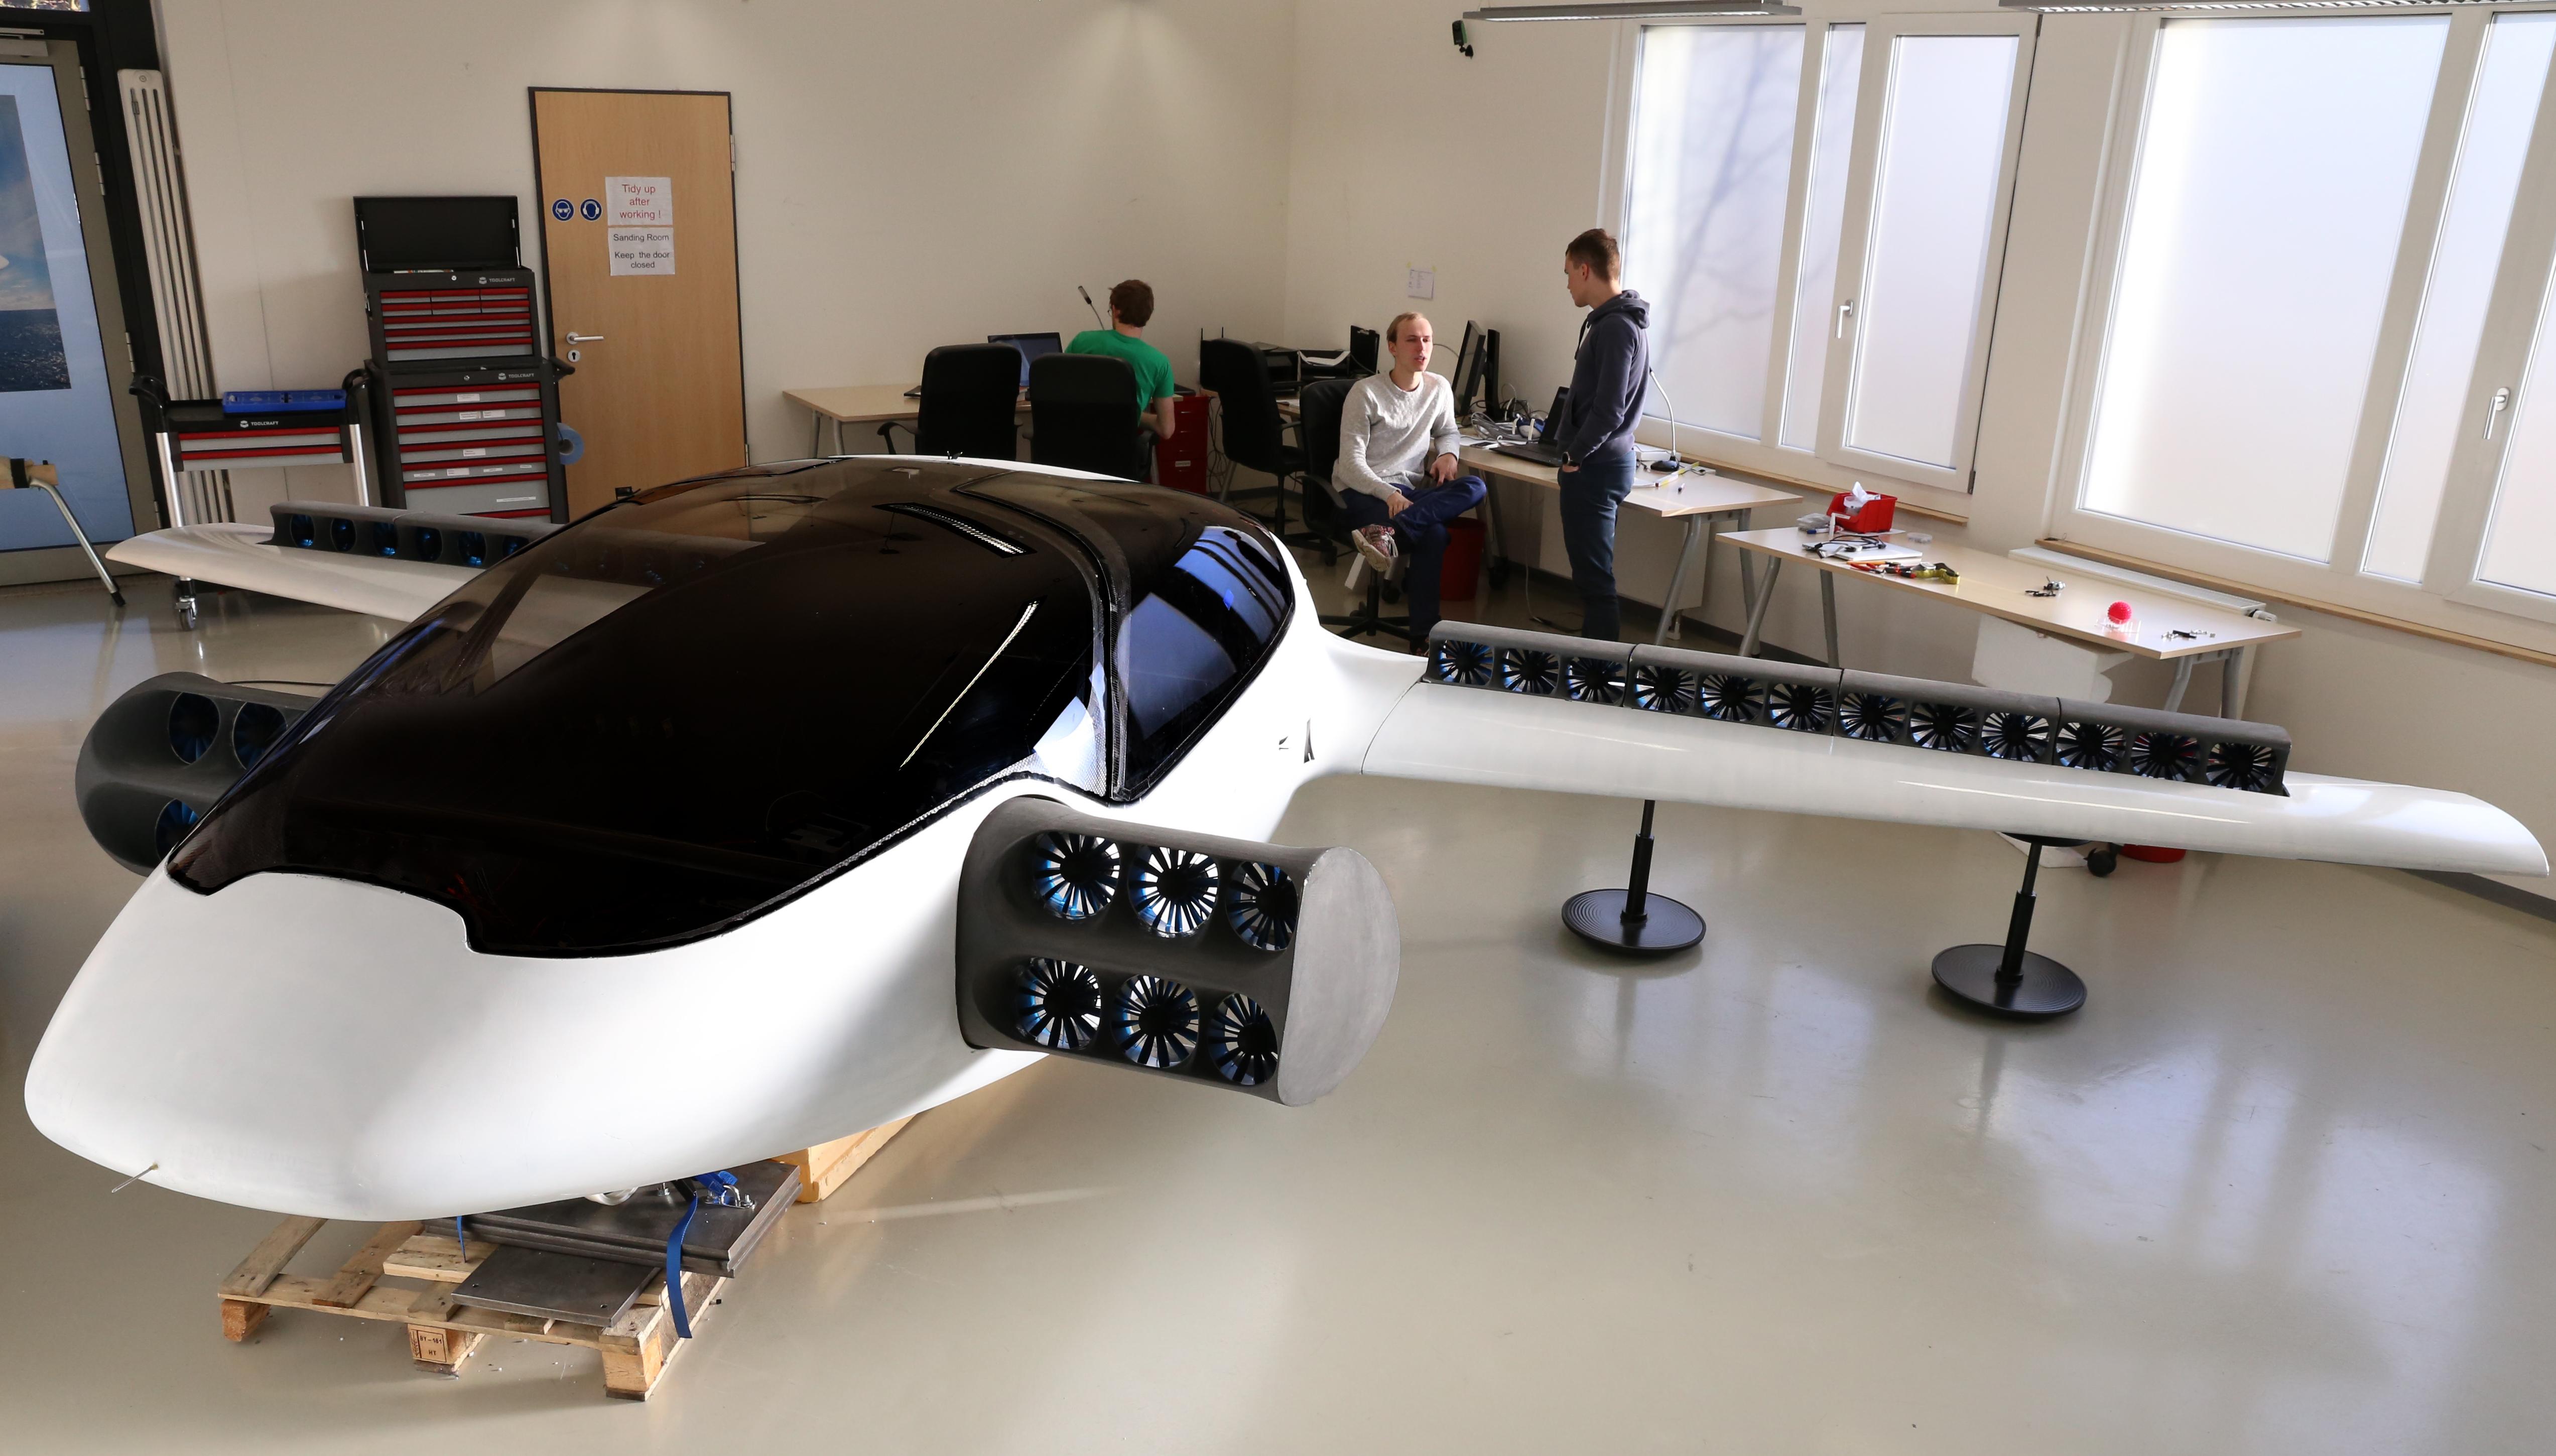 photo-lilium-jet-prototype